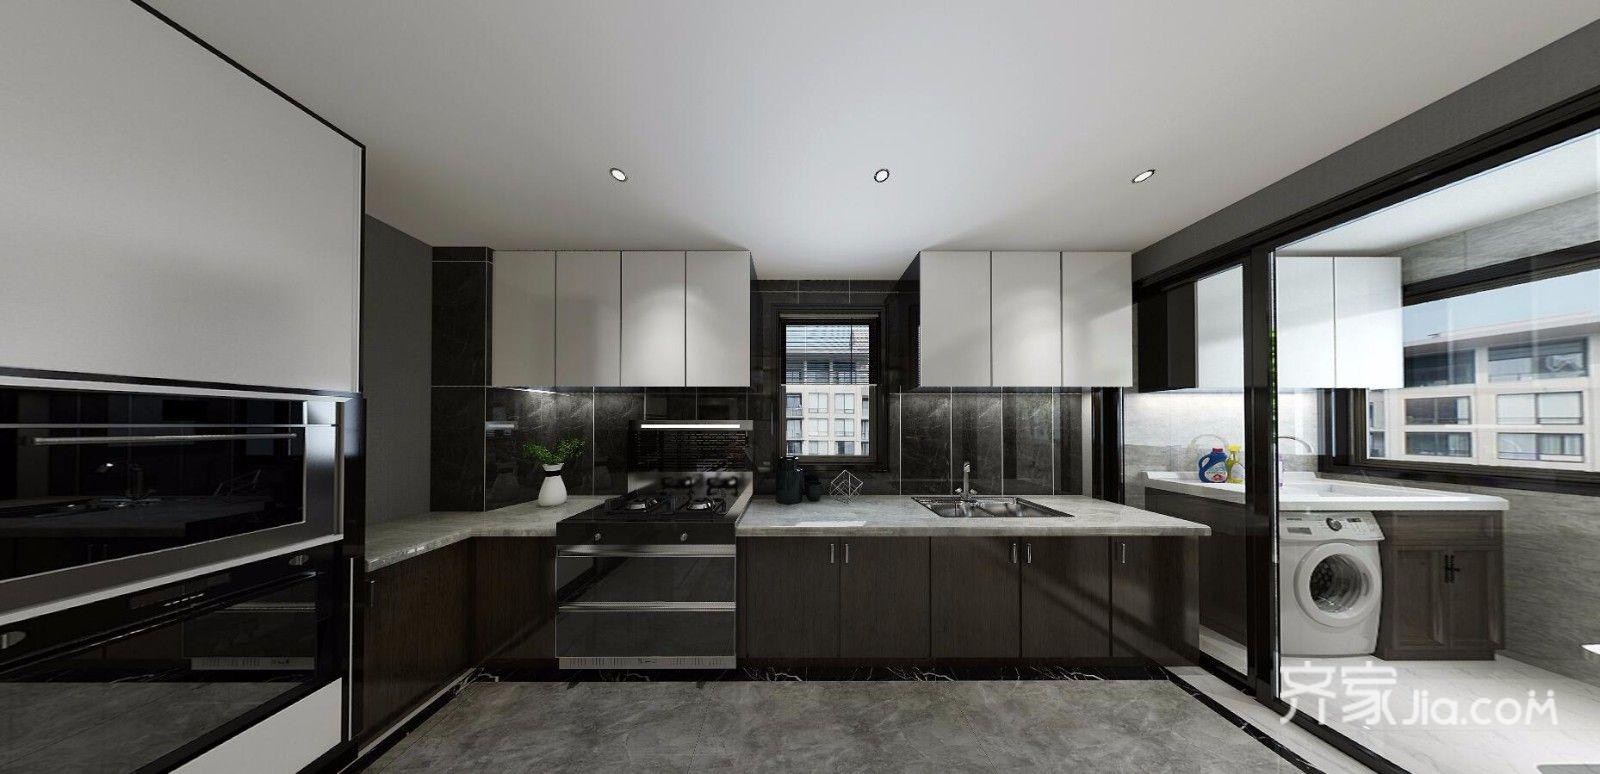 现代简约低奢三居厨房装修效果图